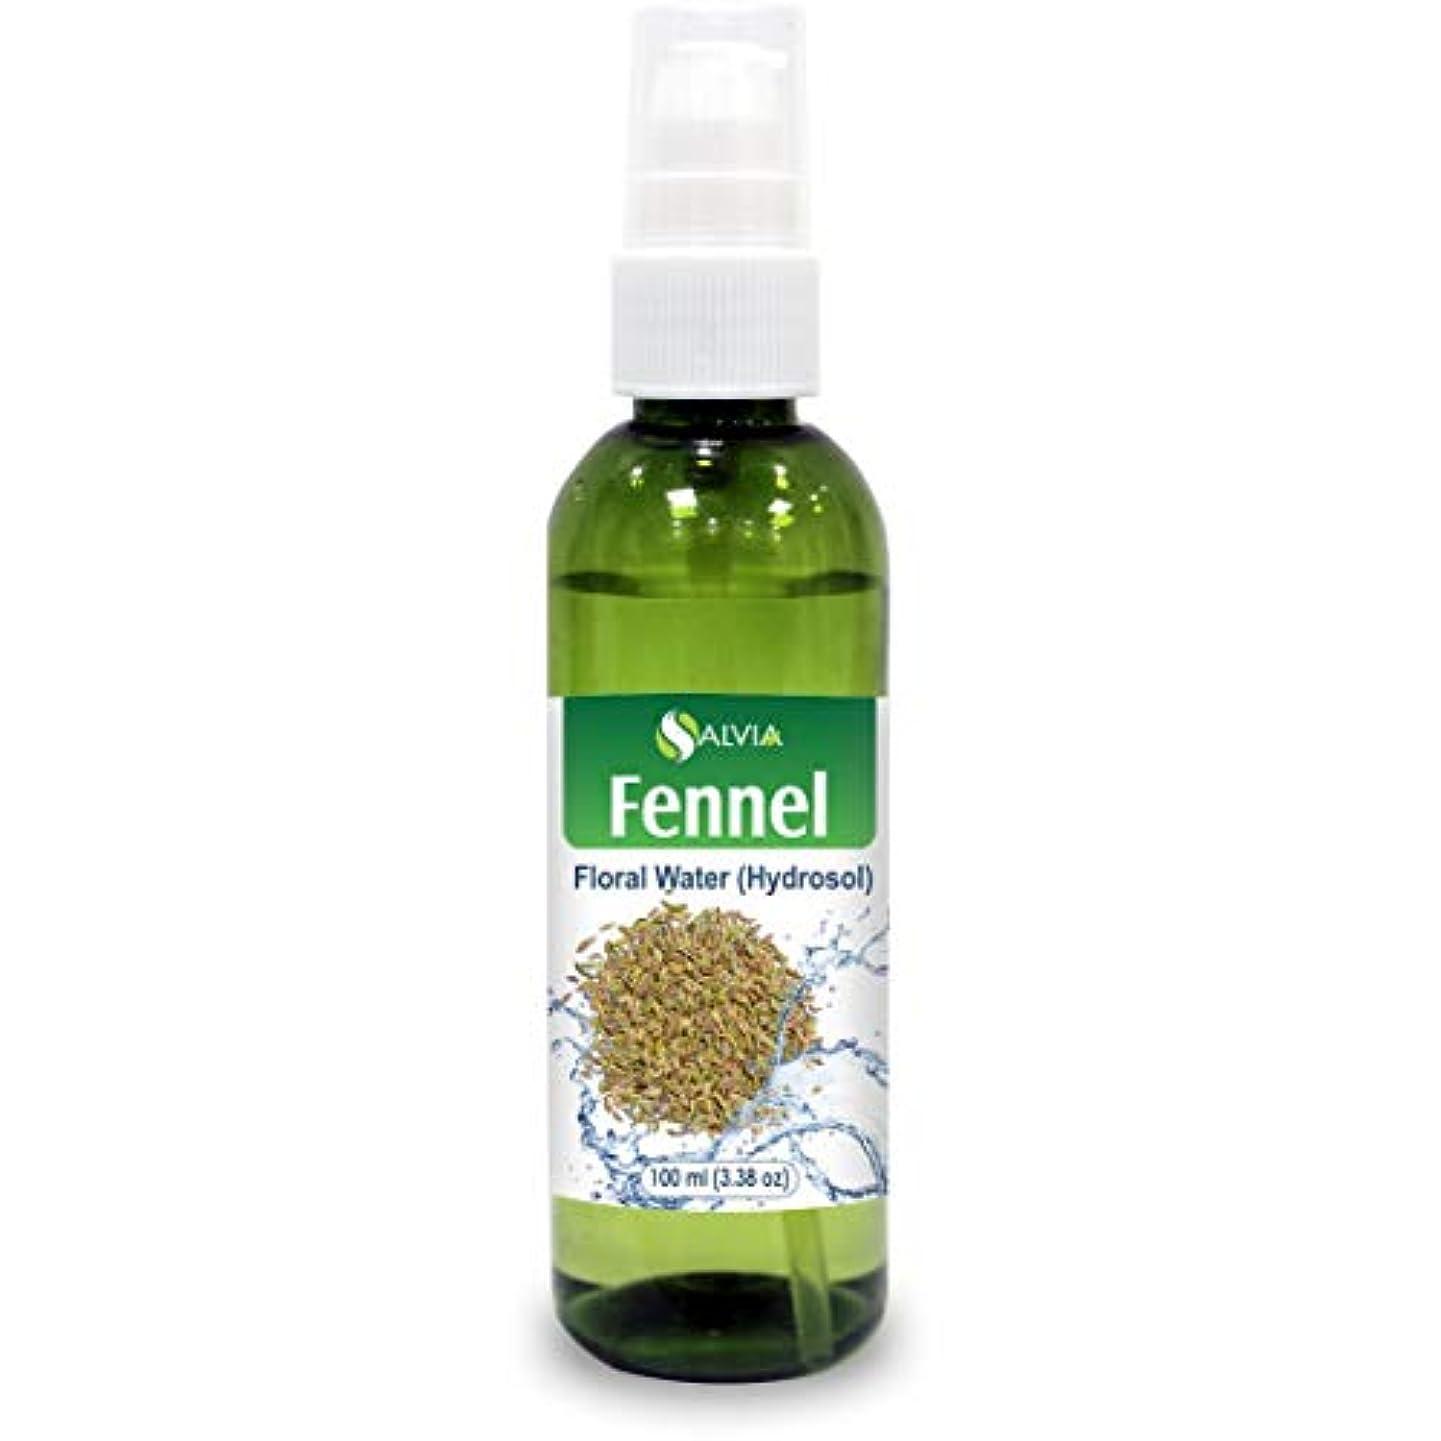 トラフインシデントコークスFennel Floral Water 100ml (Hydrosol) 100% Pure And Natural